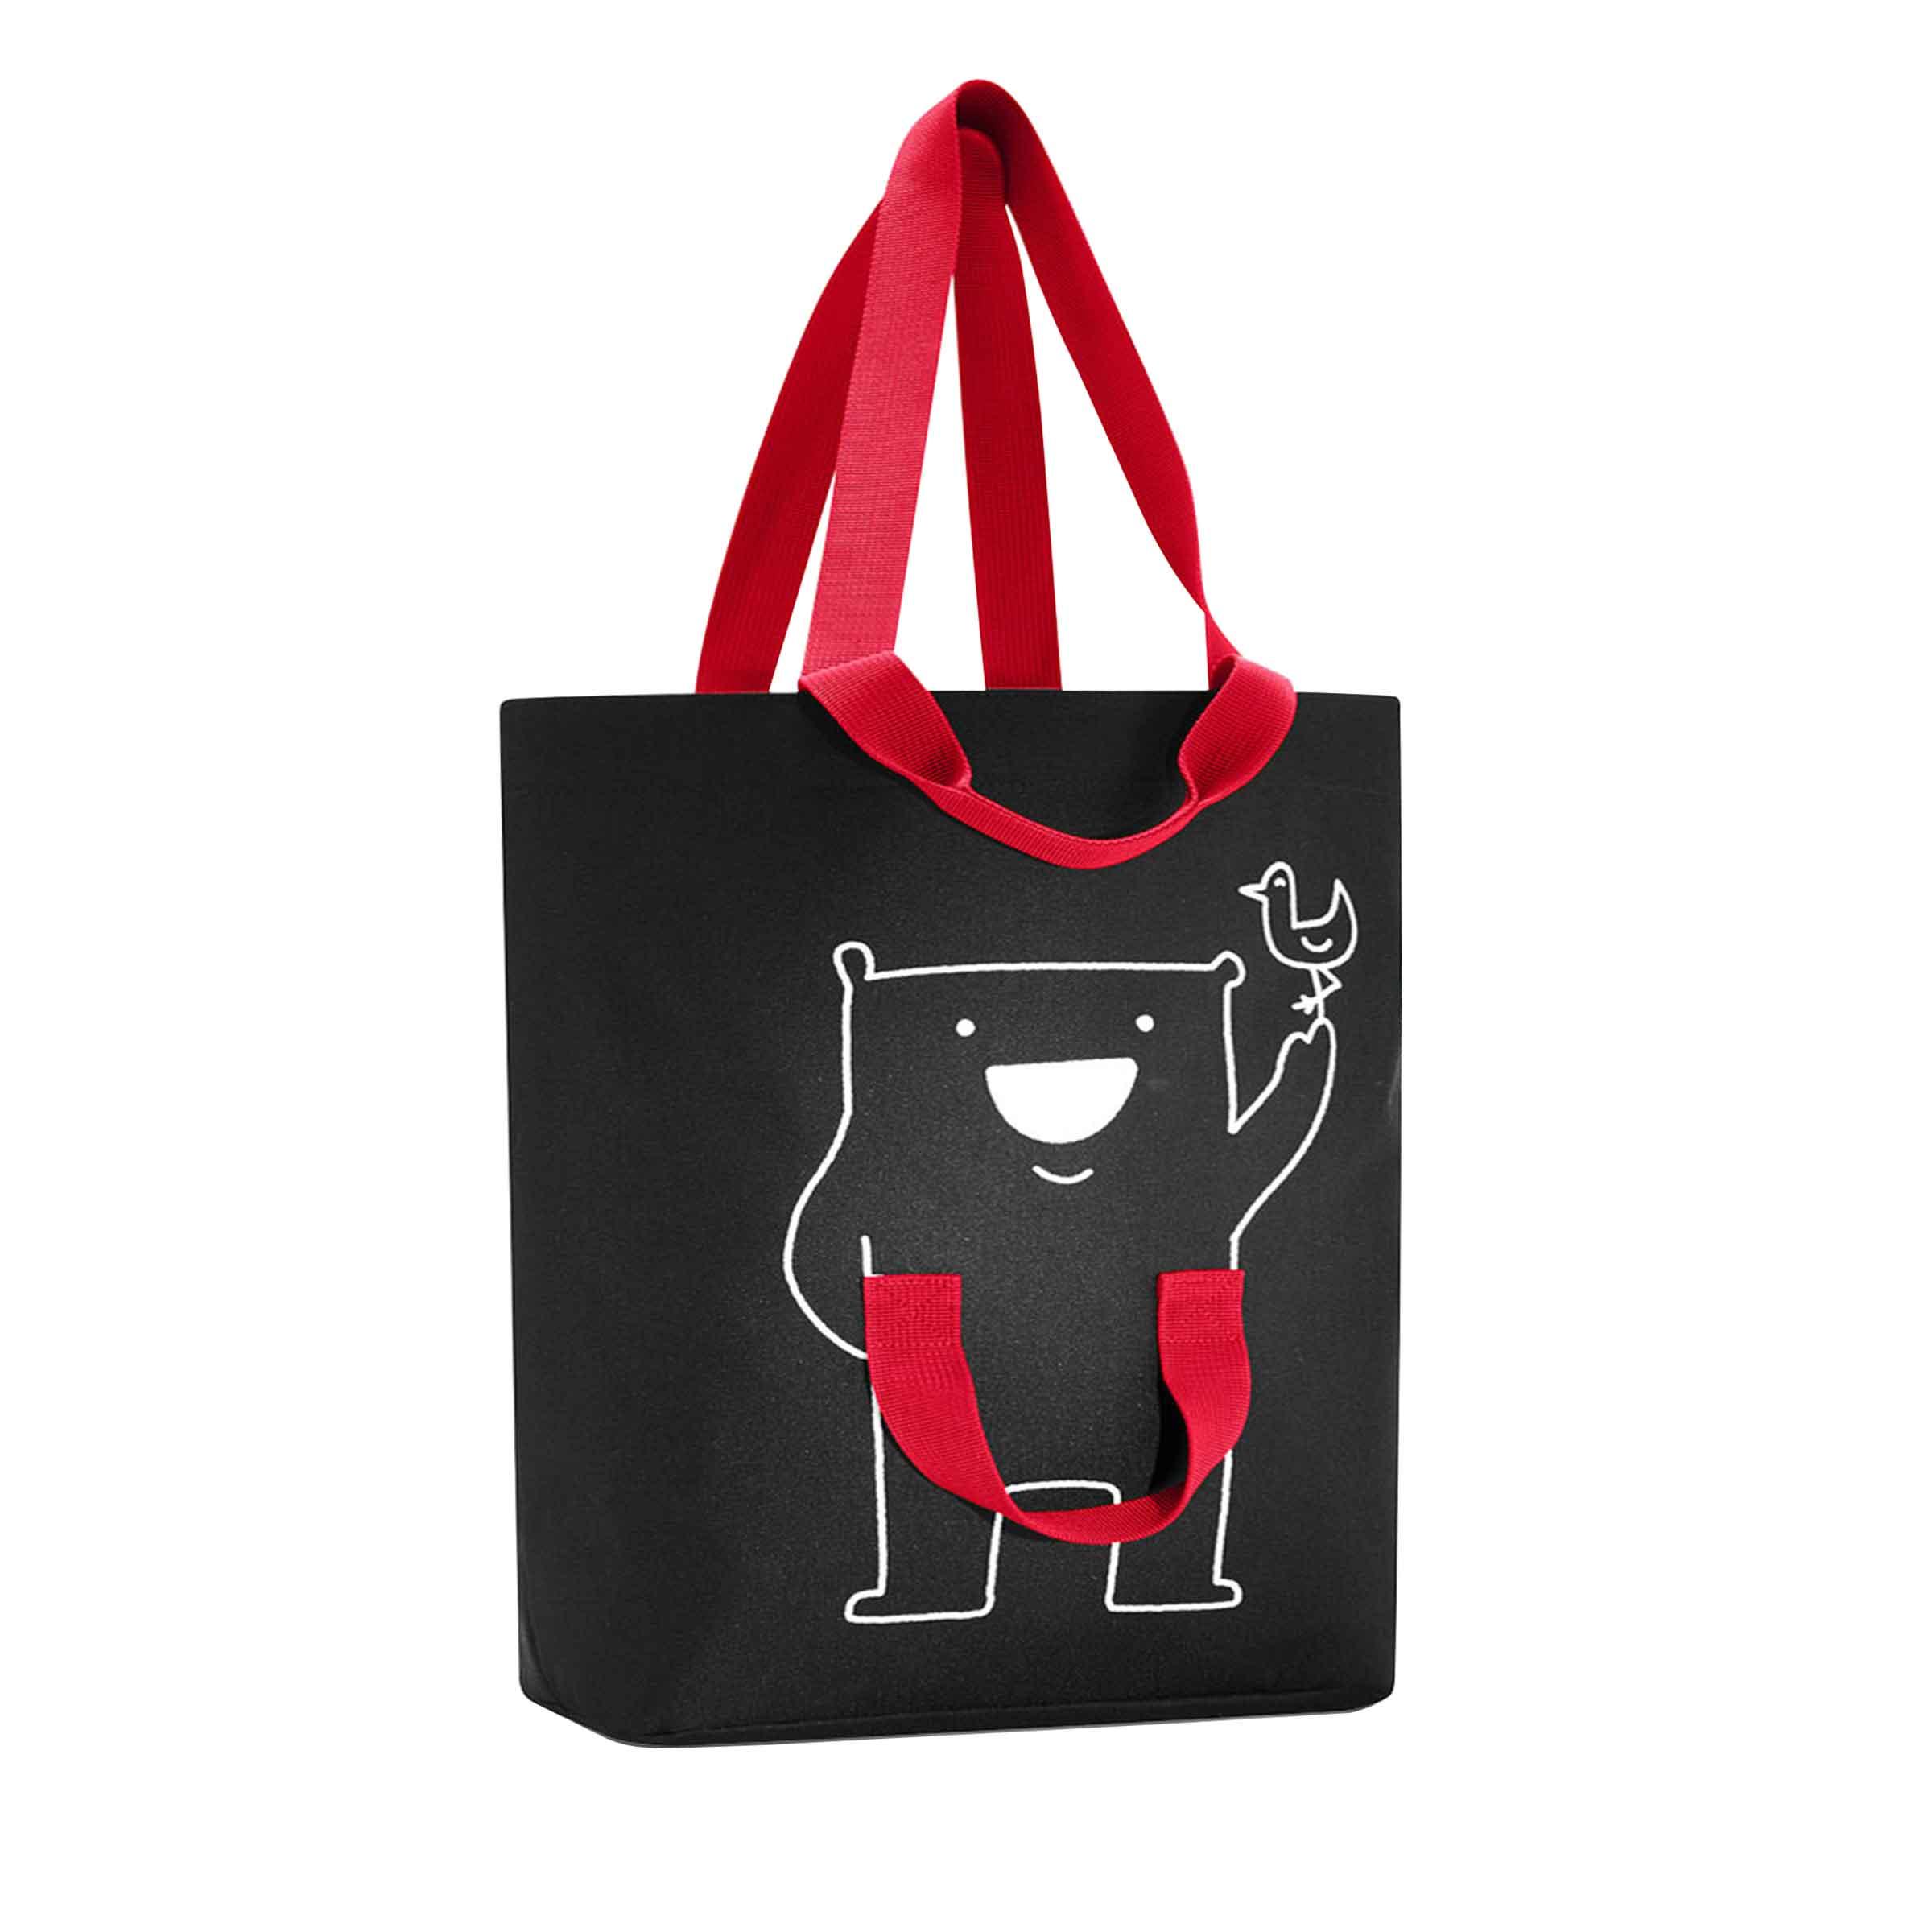 Tote bag fond noir motif rouge avec 4 anses